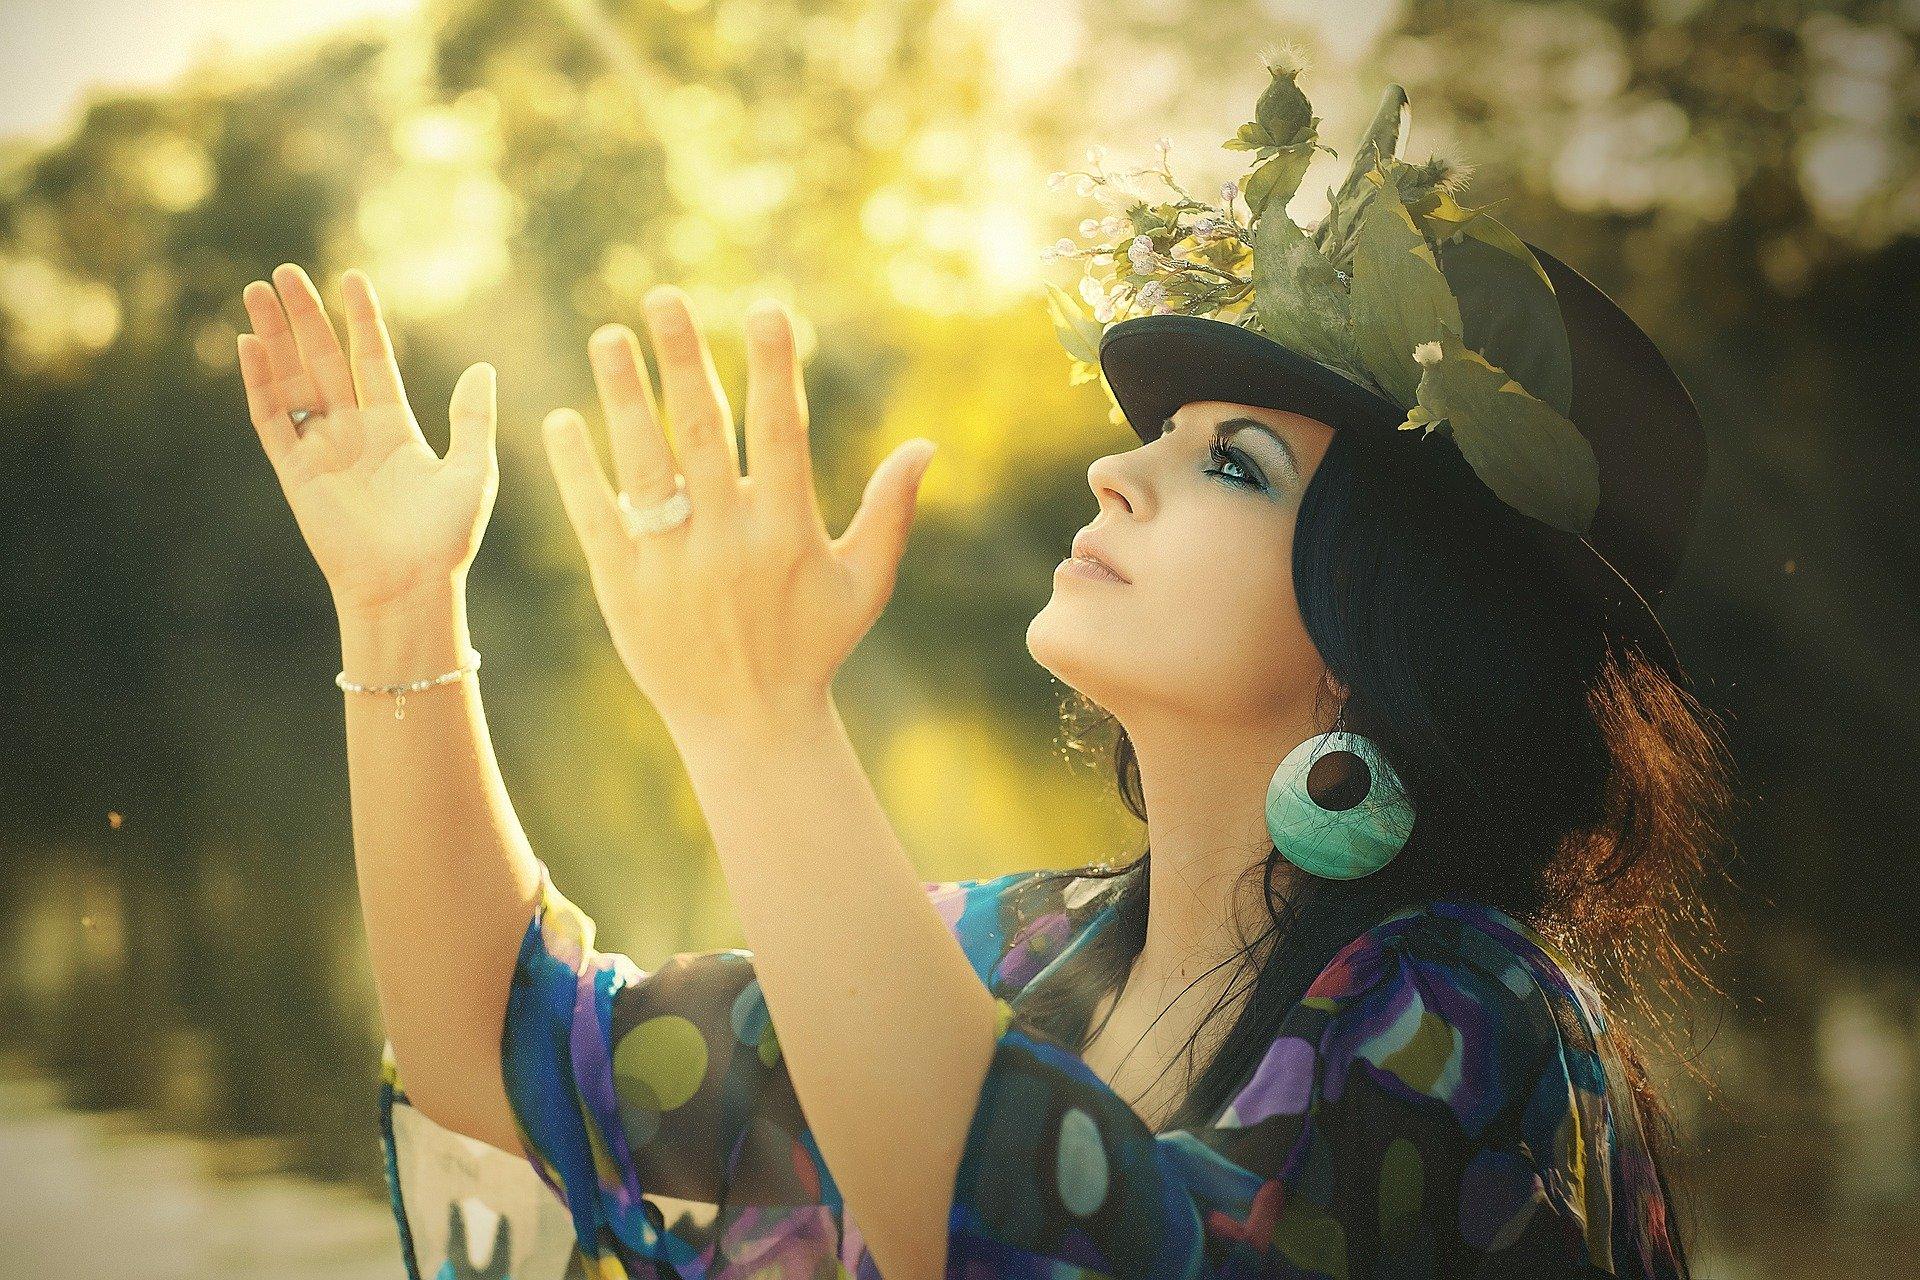 Femme qui chante -Les couleurs de la Joie